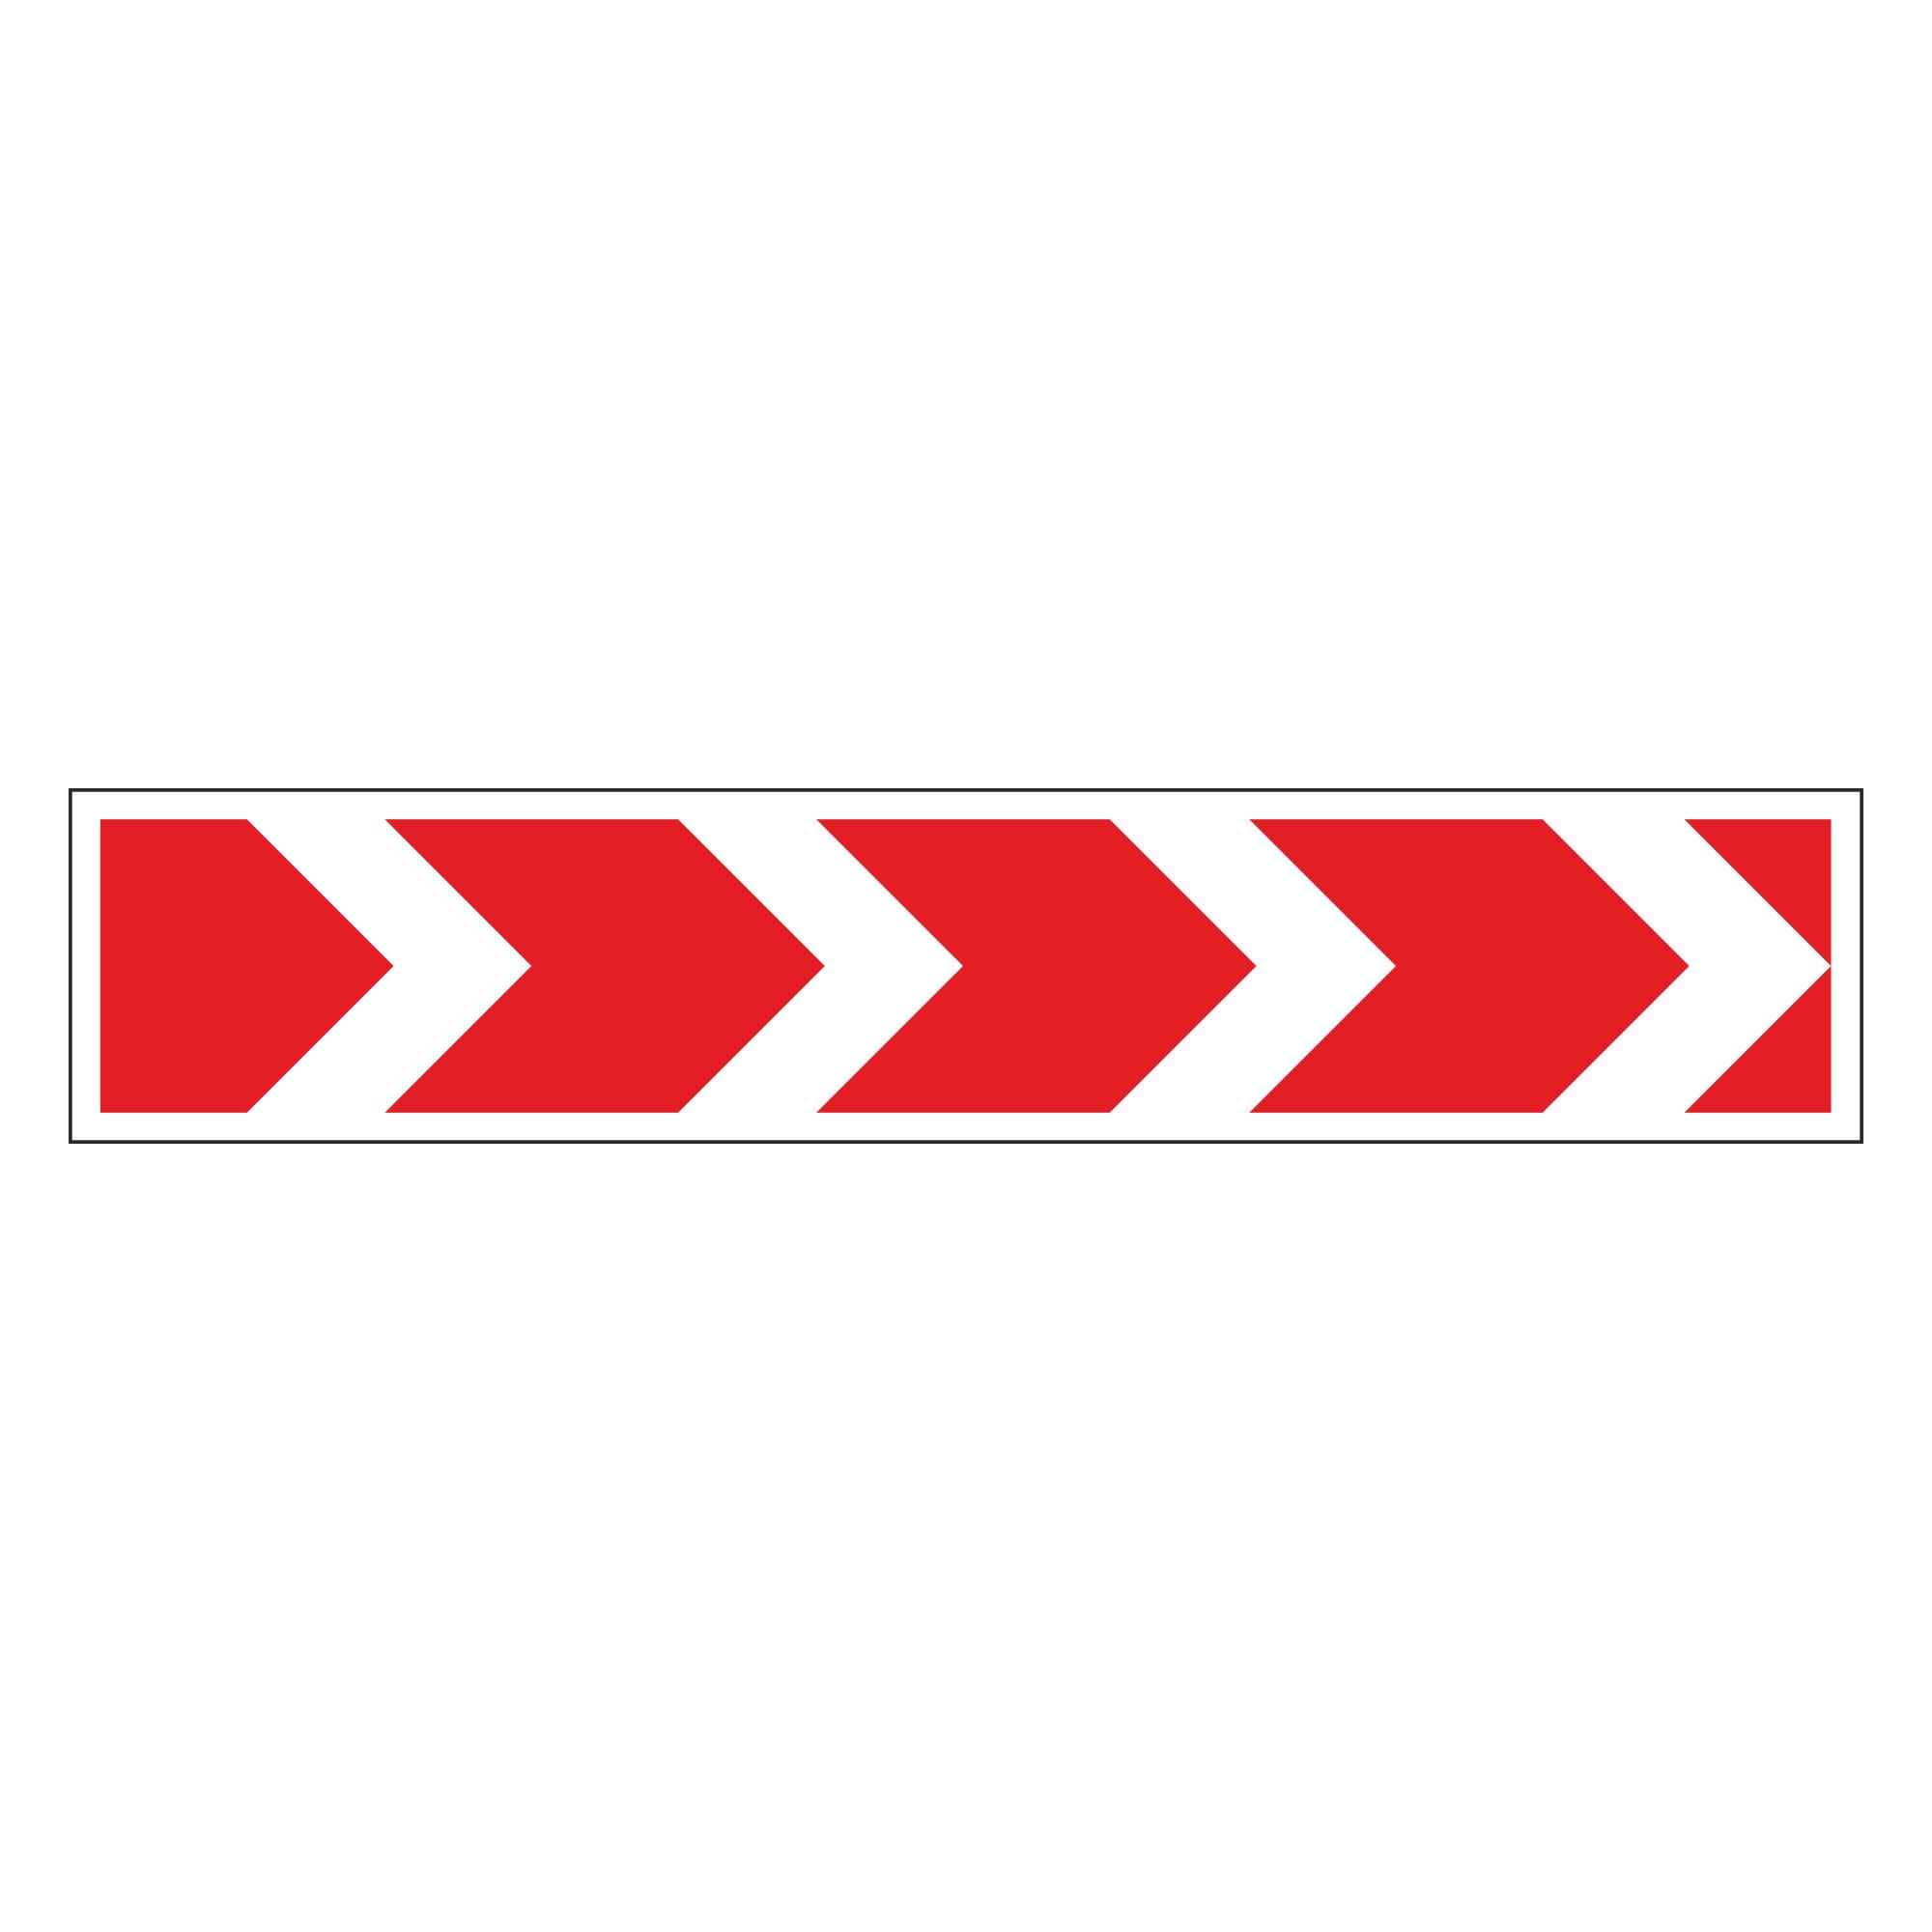 1.34.1 Направление поворота размер 3 (четыре стрелки)